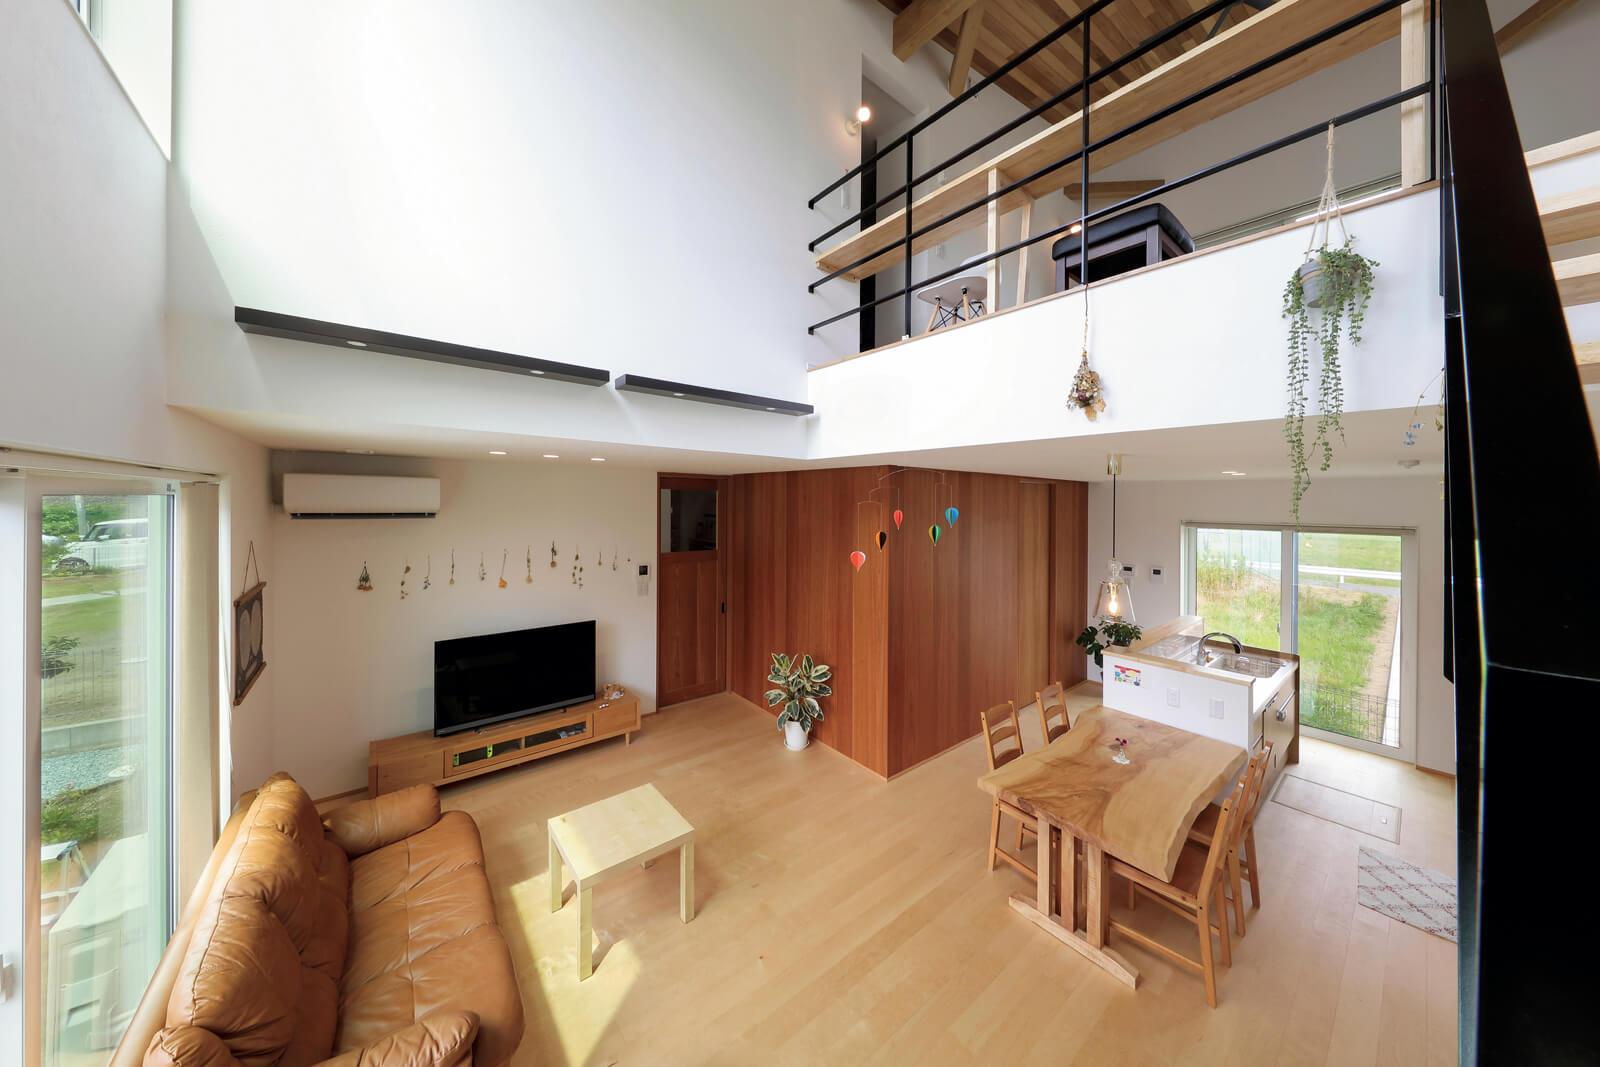 開放感と一体感が生まれる吹き抜けと階段。コーナー壁は建具と同系色のブラックチェリー材。板張り天井はレッドシダー